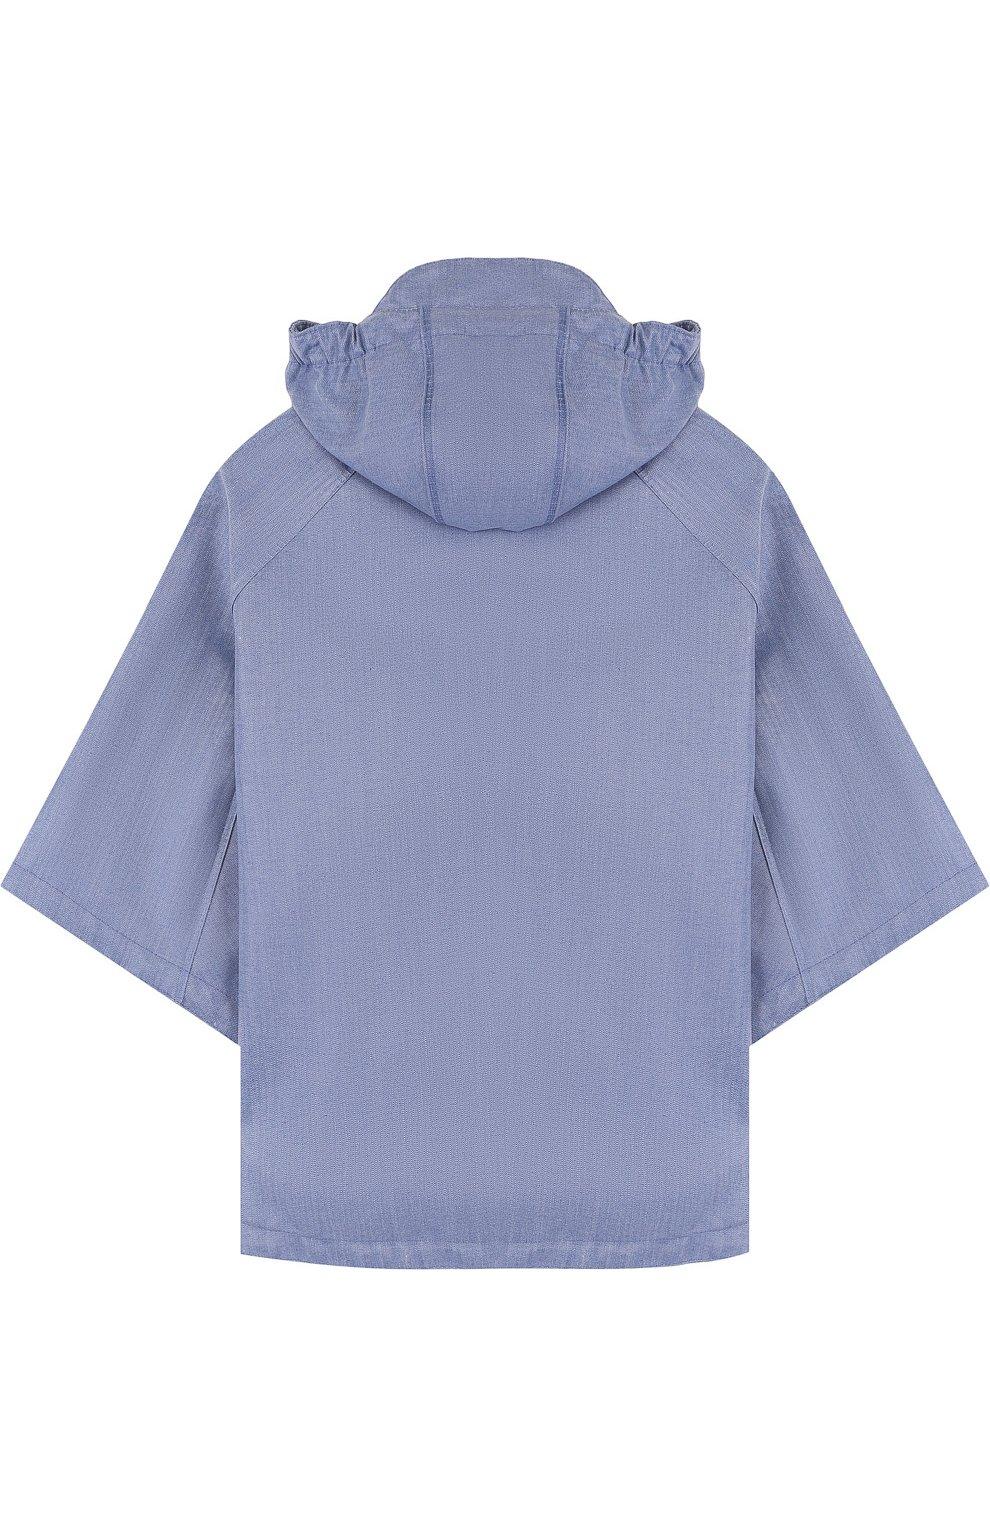 Детское пончо с капюшоном GOSOAKY голубого цвета, арт. 181.101.221/C0ATED DENIM | Фото 2